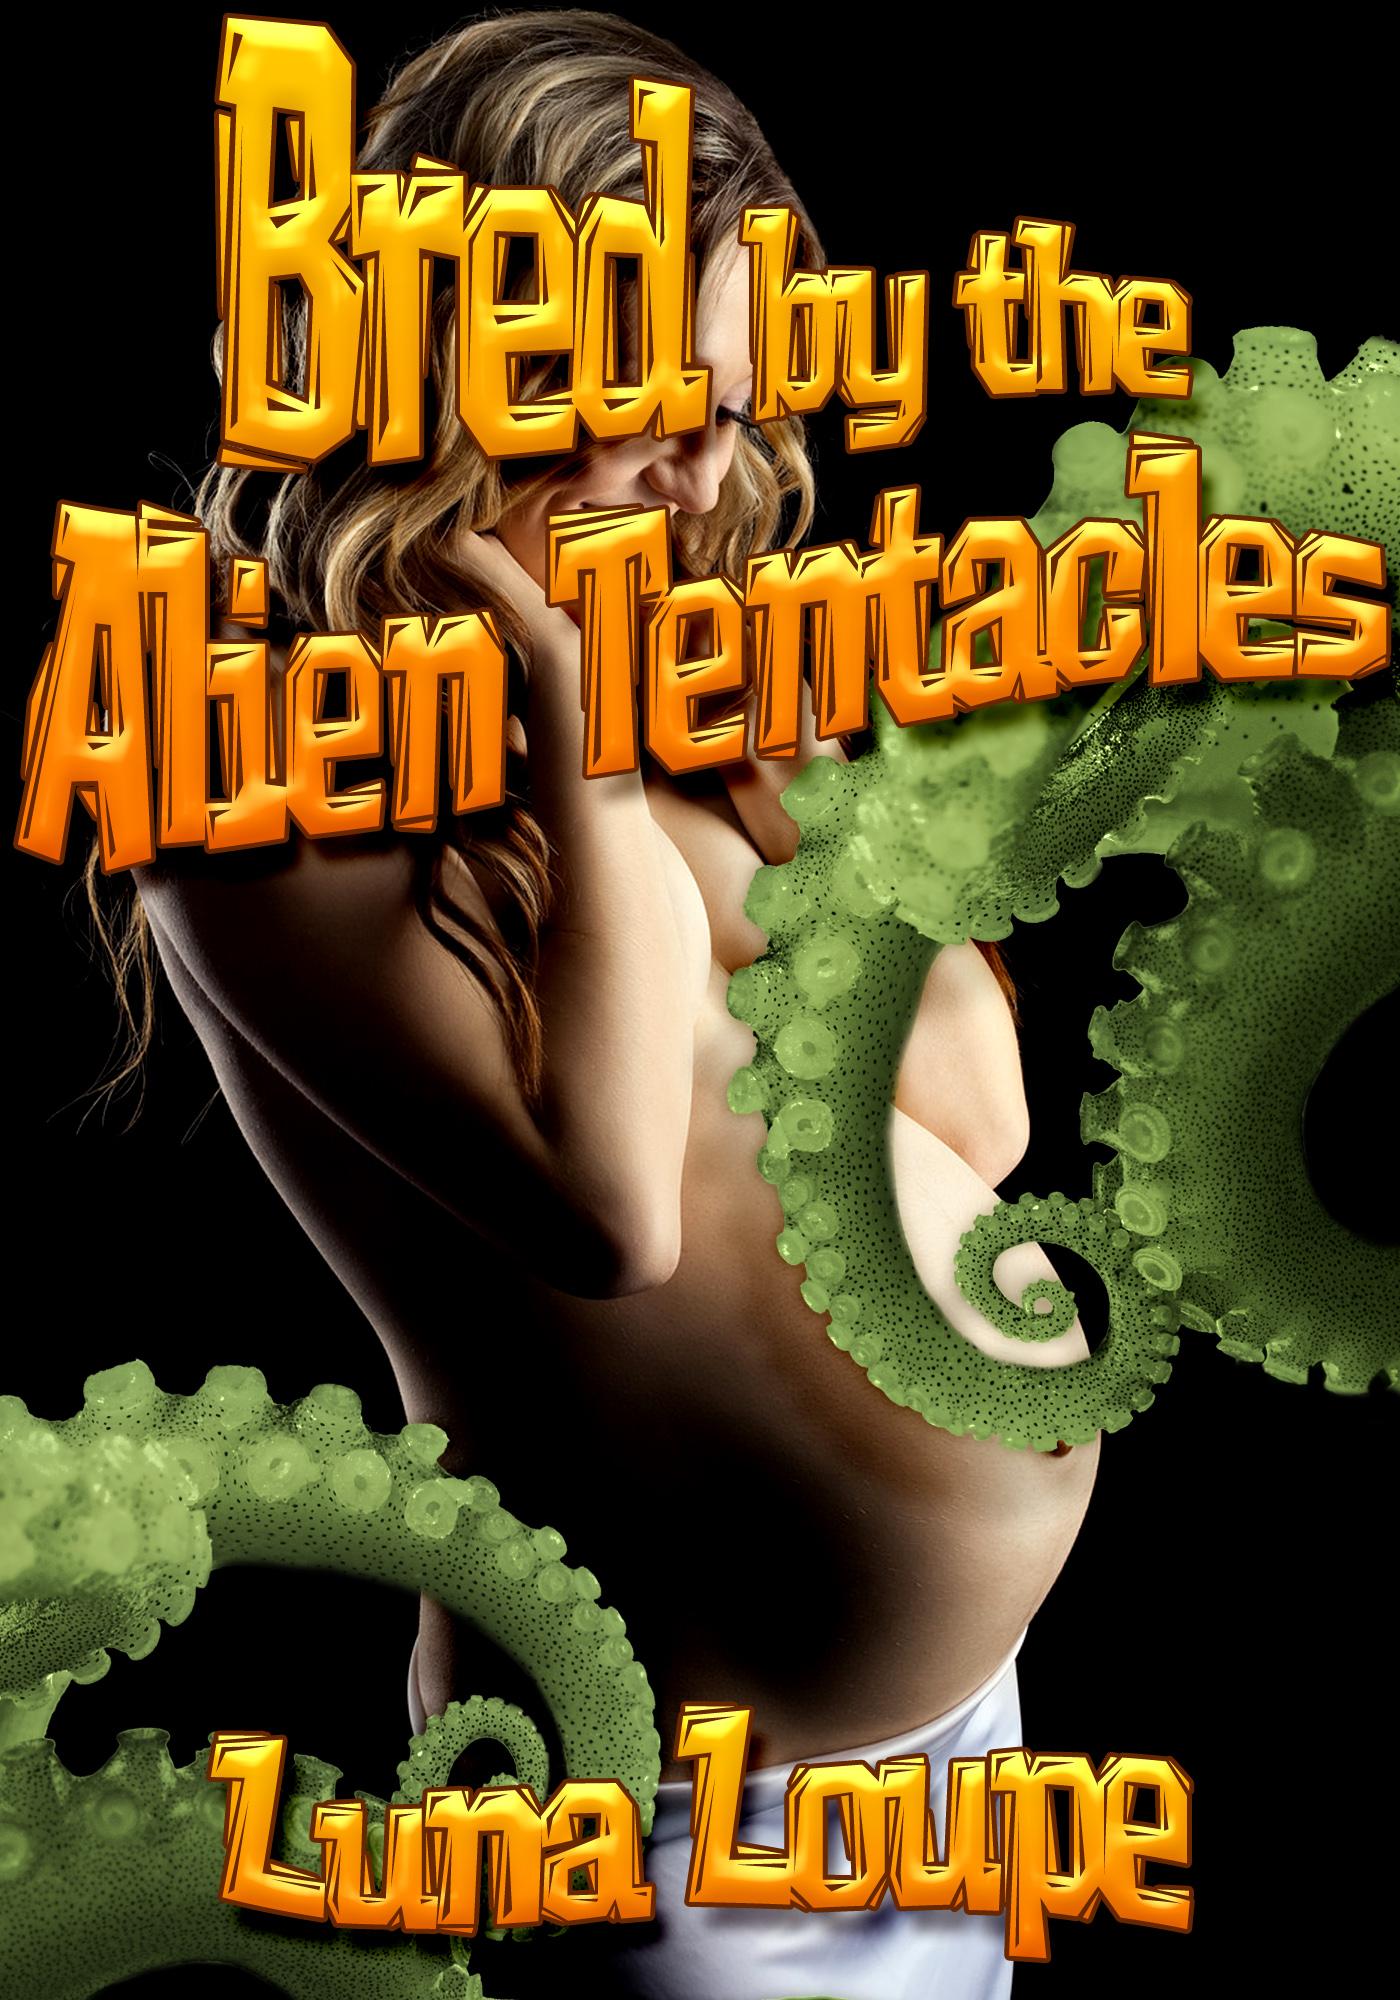 Alien impregnation fantasy sexy pic